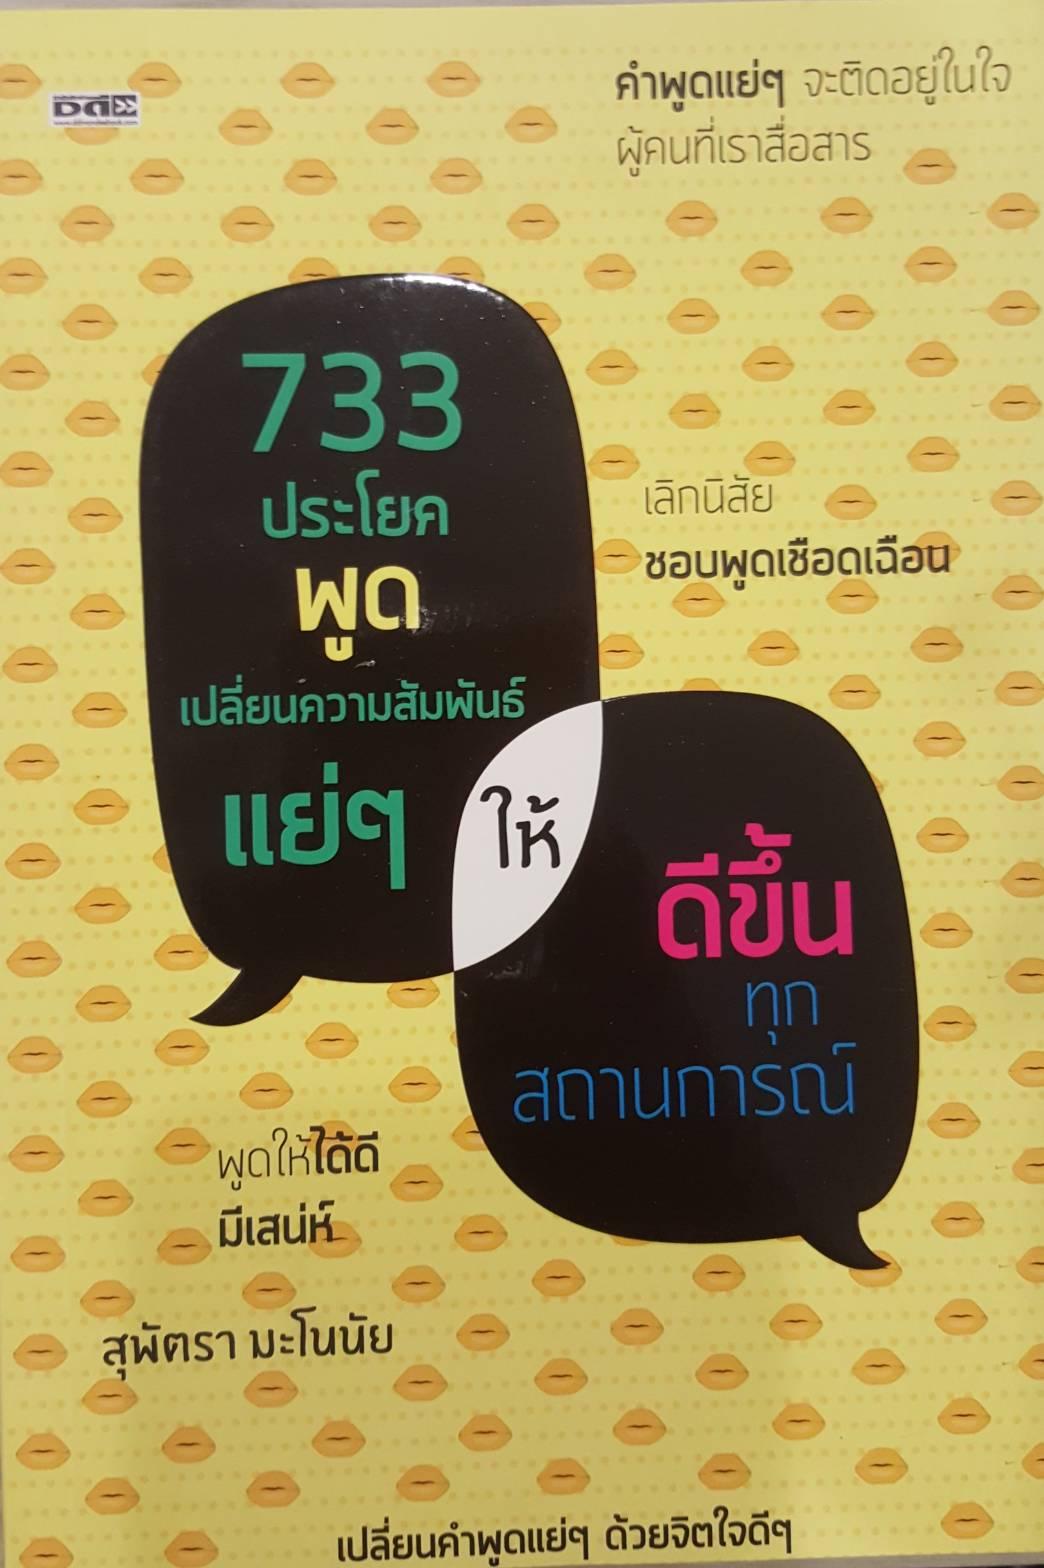 733ประโยคพูดเปลี่ยนความสัมพันธ์แย่ๆให้ดีขึ้นทุกสถานการณ์